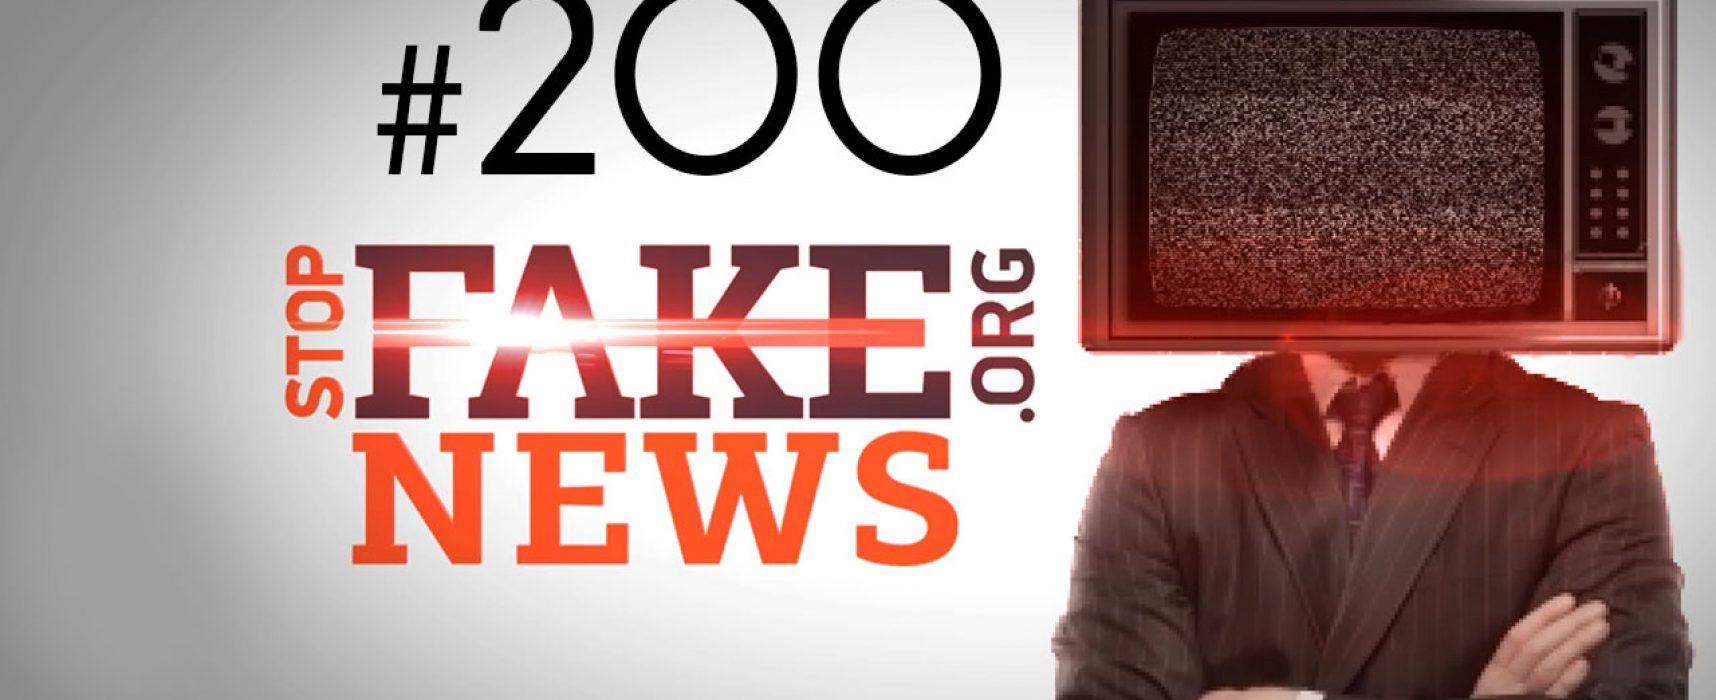 Действительно ли в Харьковской области готовят террористов ? — SFN #200